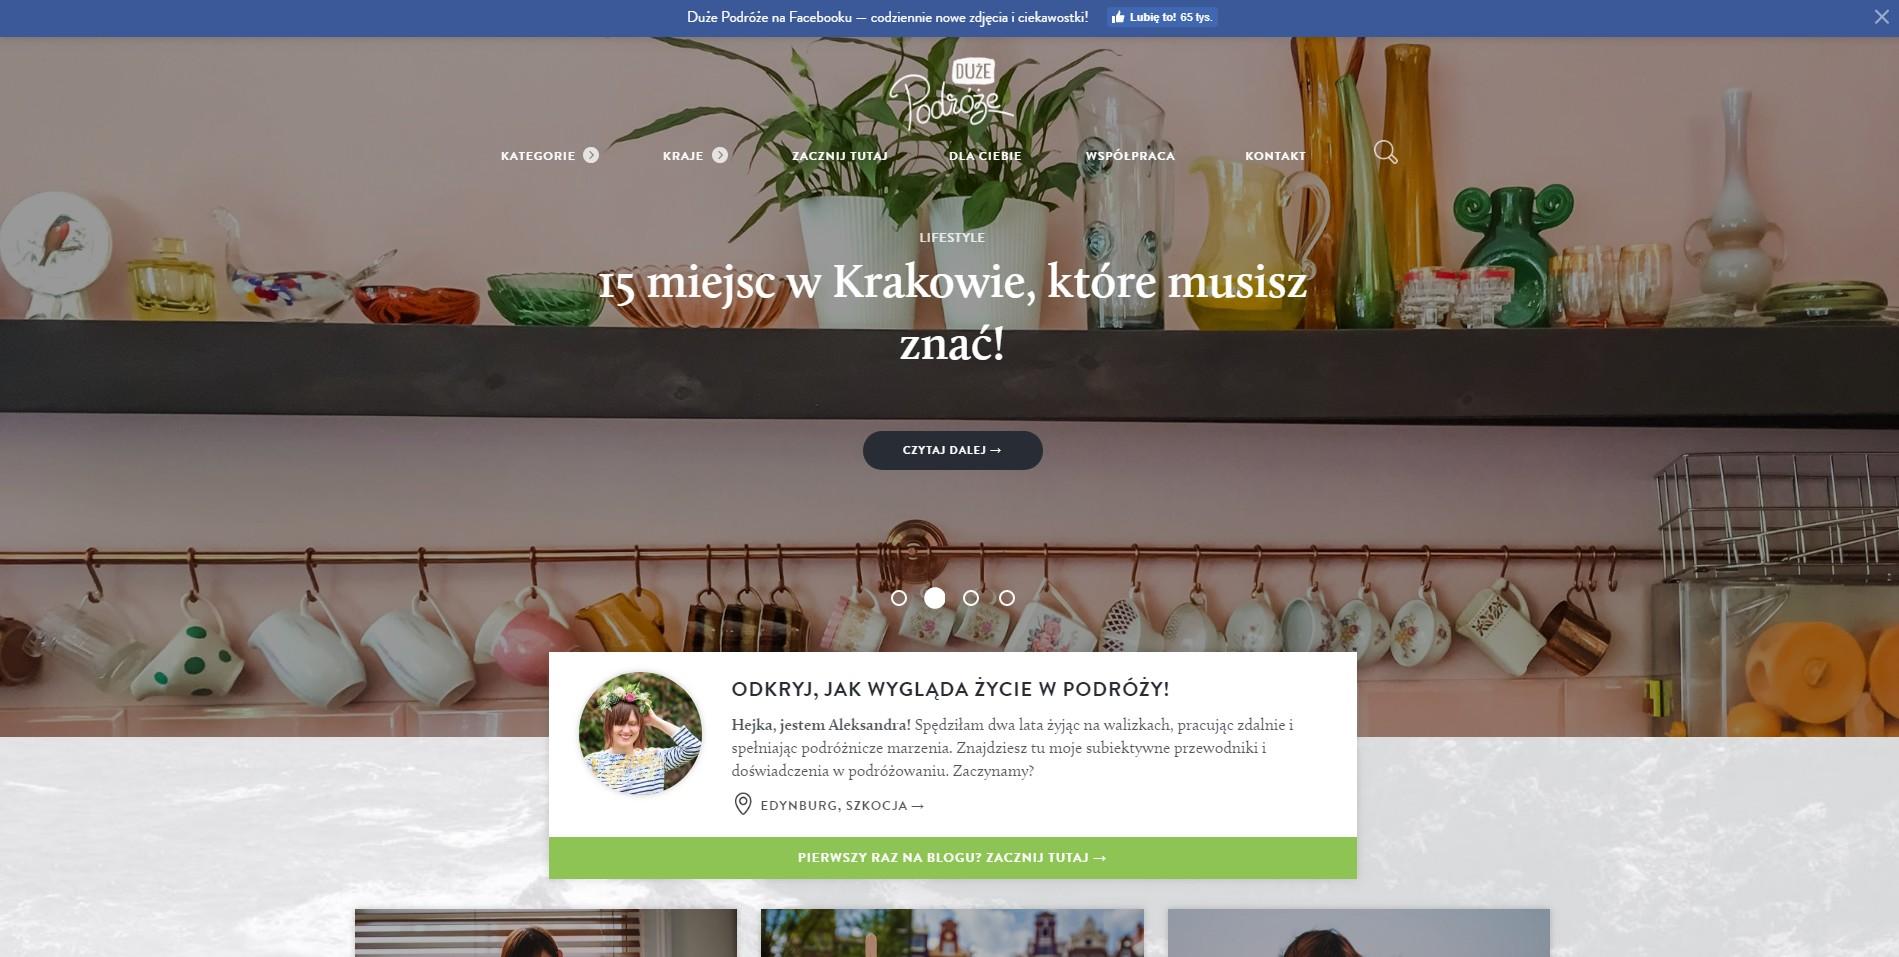 Blog podróżniczy duze-podroze.pl